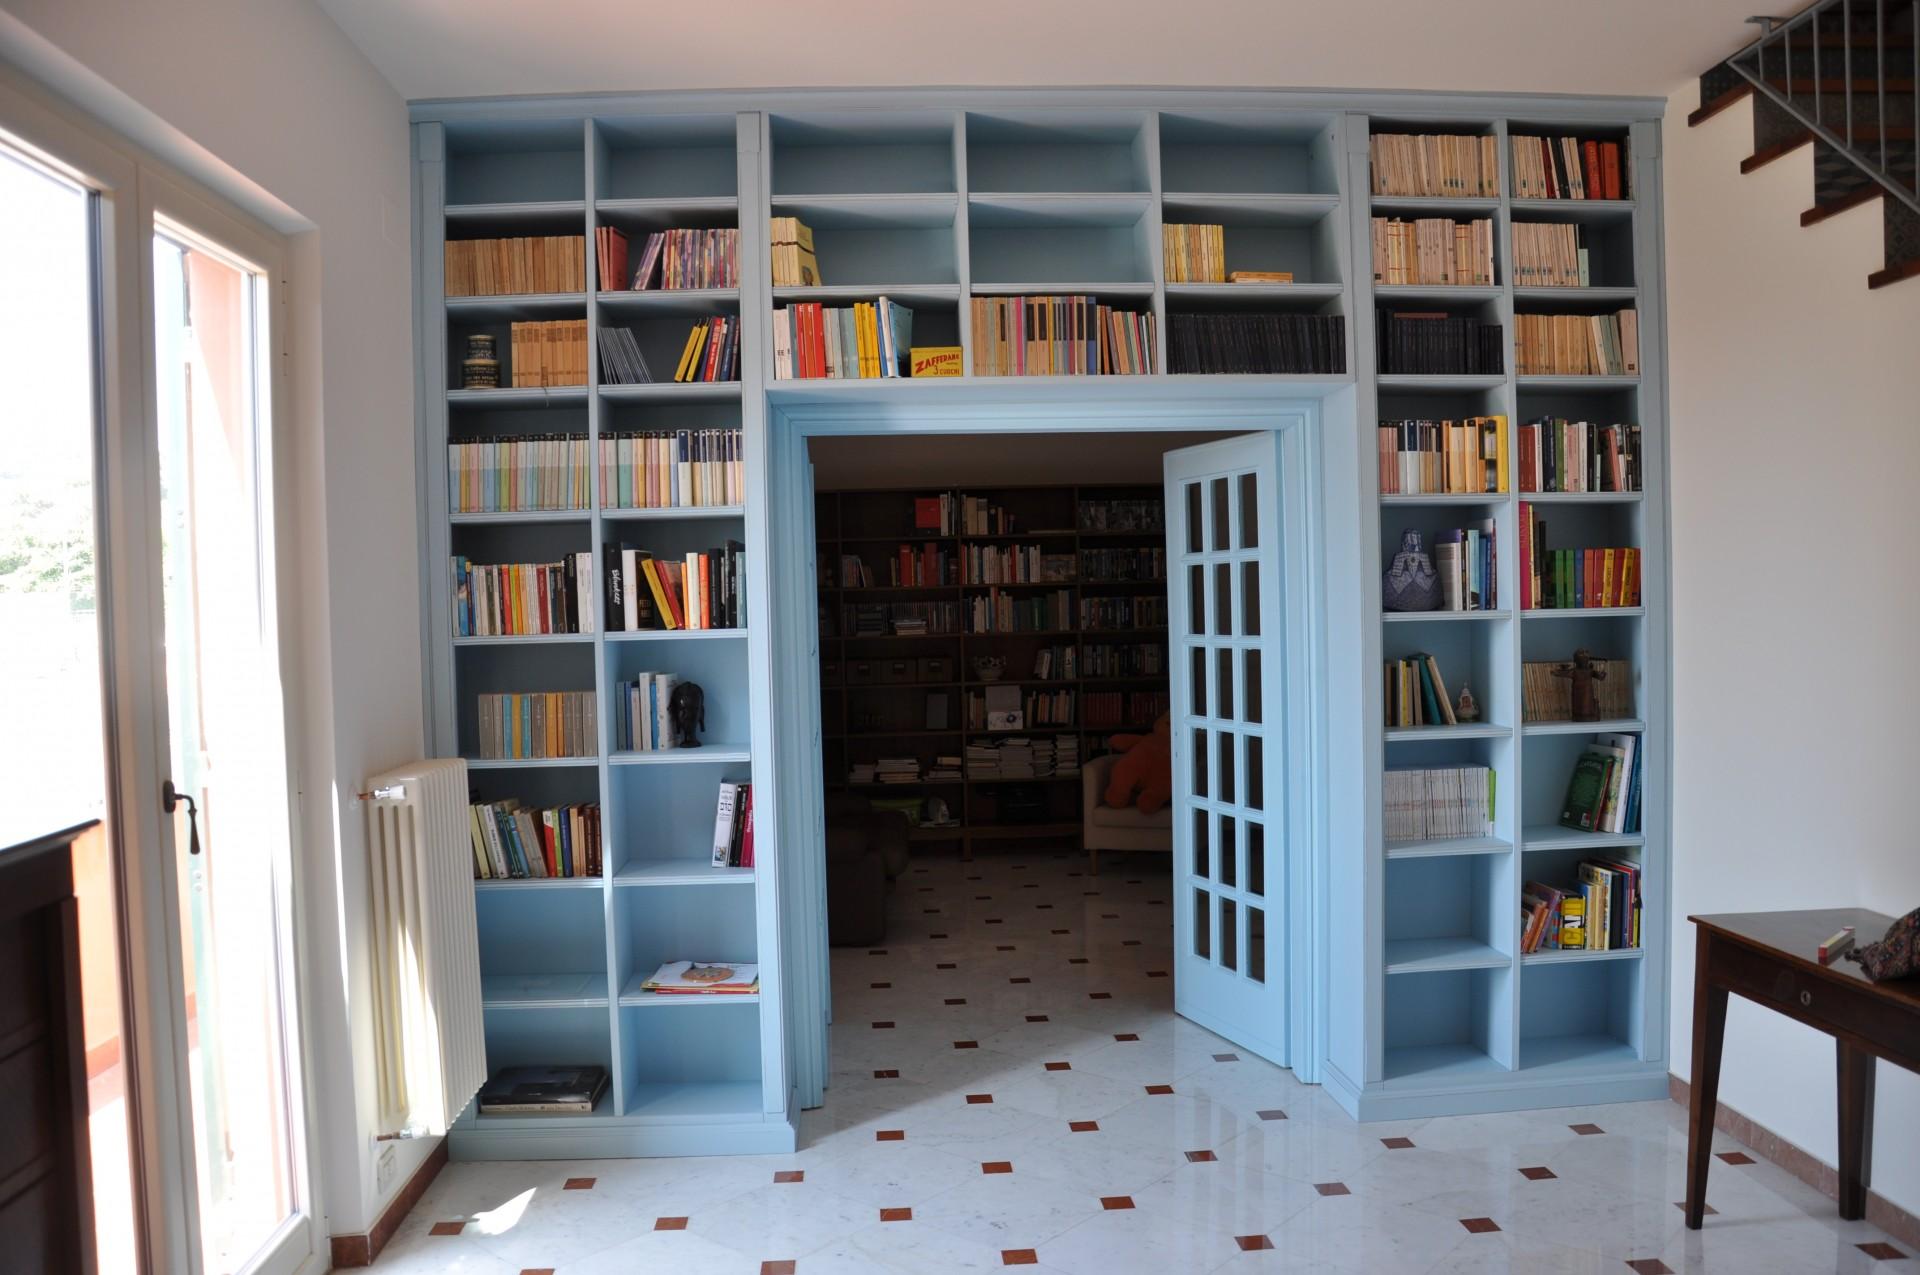 libreria art 938 libreria laccata costruita in legno su misura che fa ...